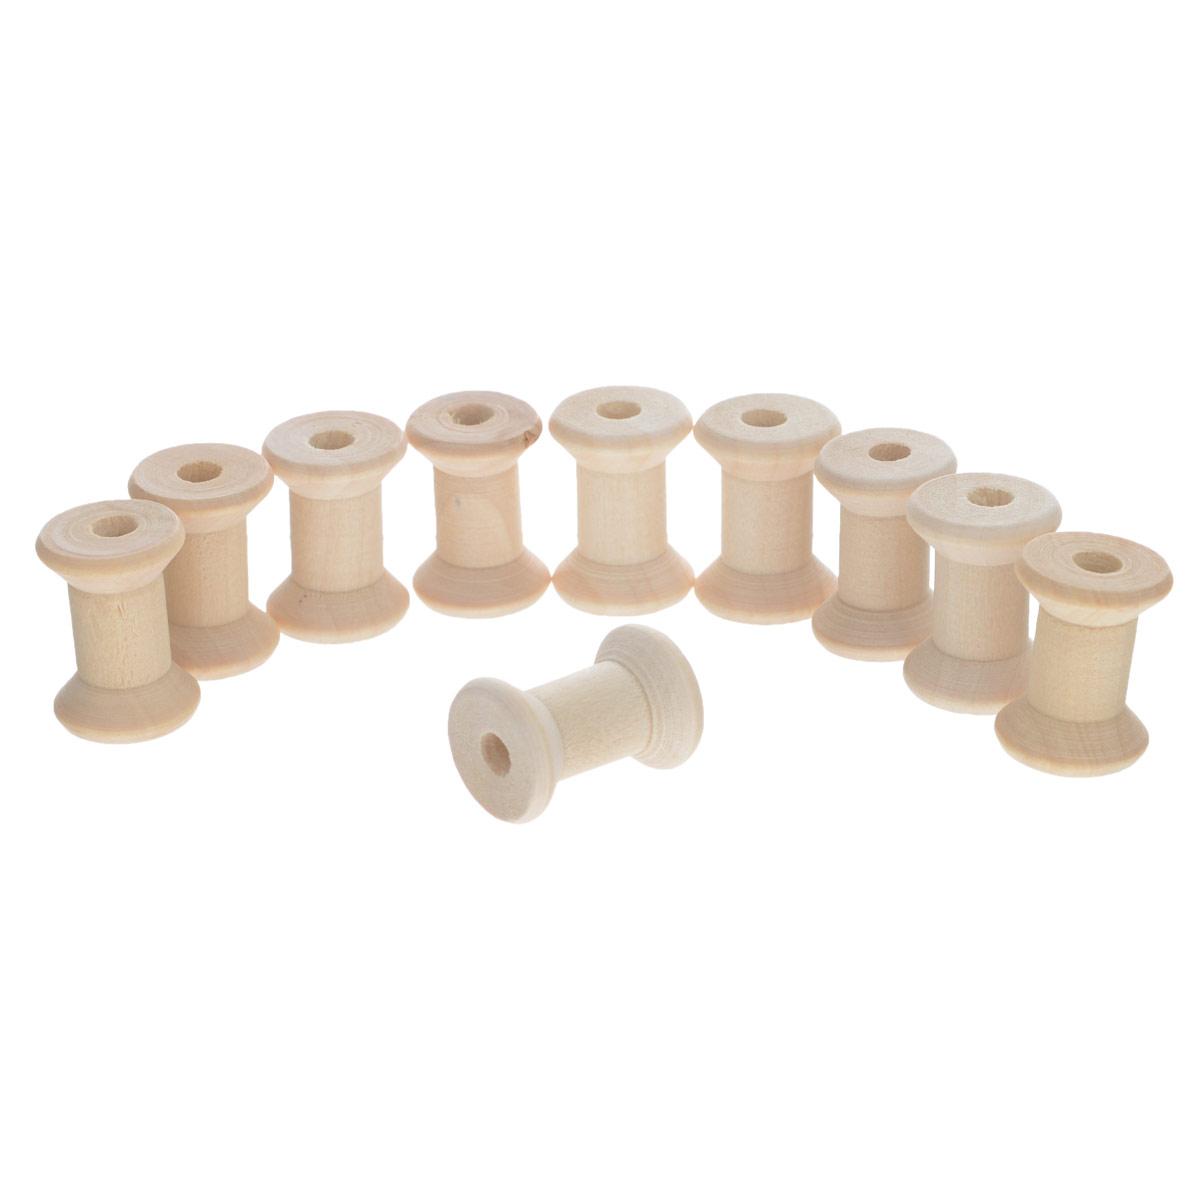 Катушки для ниток Panduro Hobby, 1,8 см х 1,8 см х 2,5 см, 10 шт100009Набор Panduro Hobby состоит из 10 катушек для ниток. Катушки выполнены из натурального высококачественного дерева. Такие катушки можно использовать как для хранения ниток, так и для декоративного оформления творческих работ. Катушки для ниток Panduro Hobby станут незаменимым атрибутом в создании рукотворного шедевра. Размер катушки: 1,8 см х 1,8 см х 2,5 см.